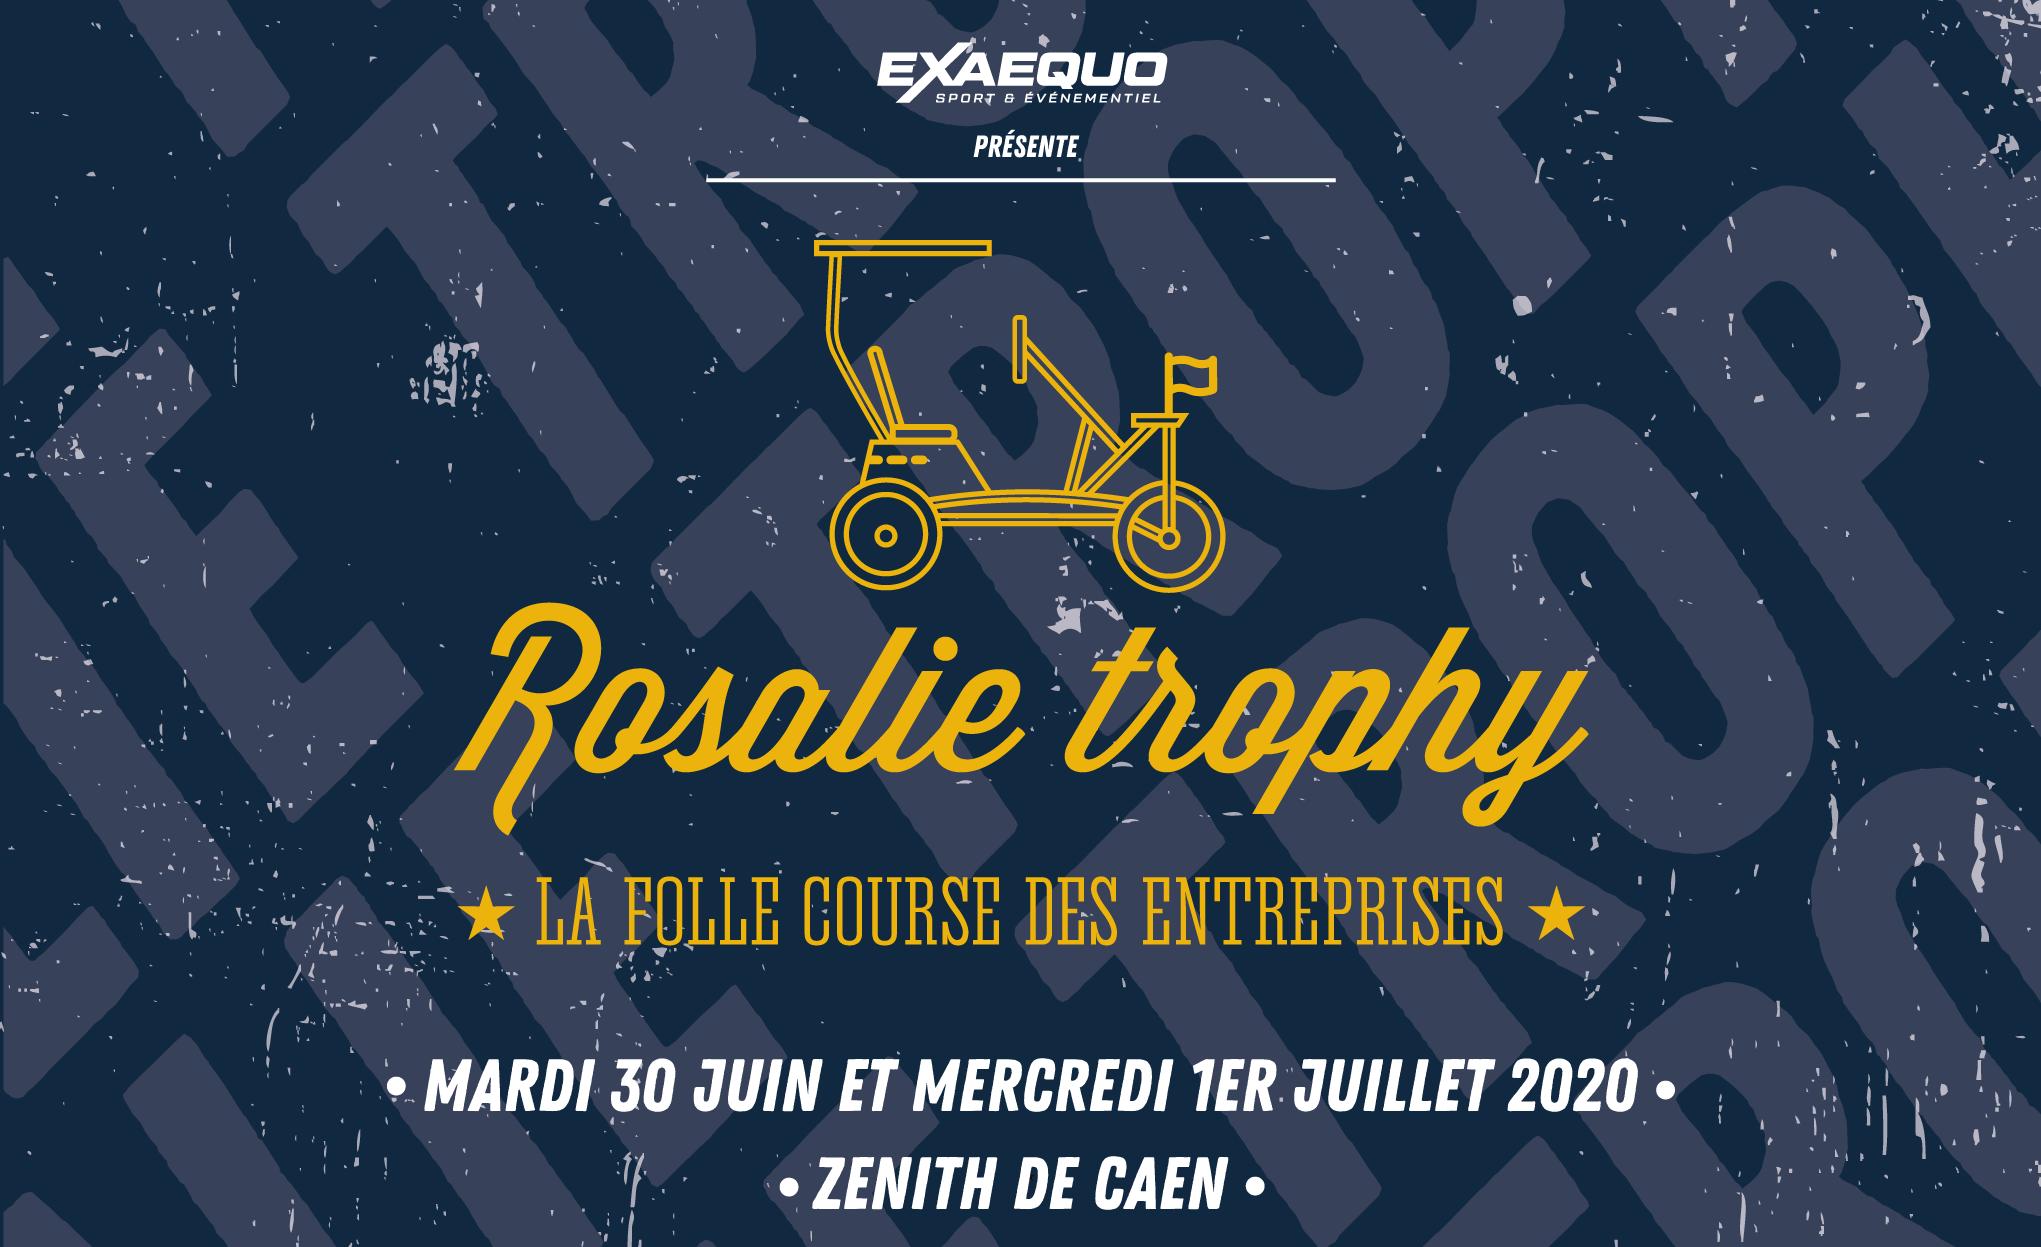 Rosalie trophy zénith de caen challenge inter-entreprise